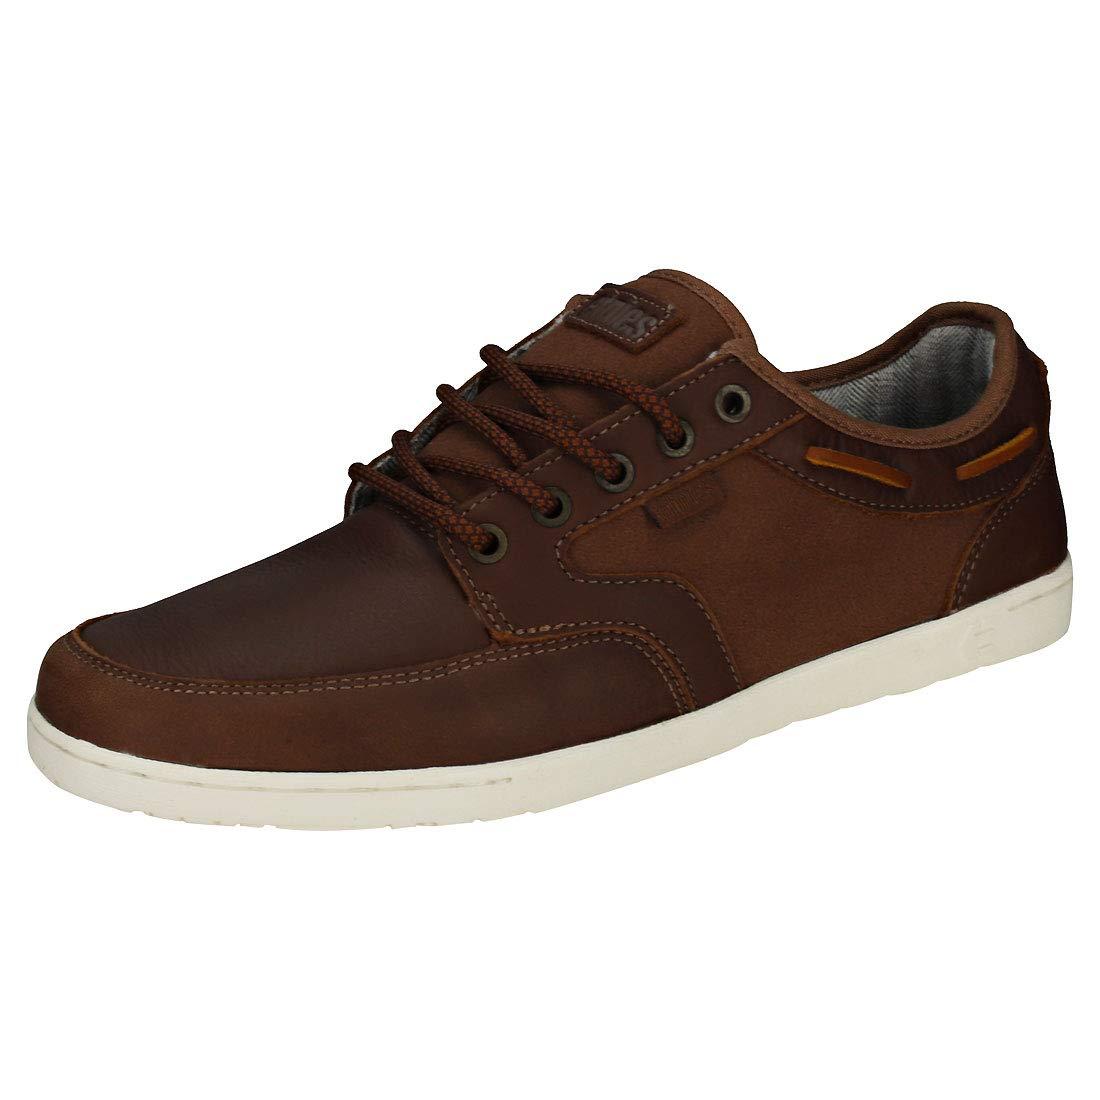 Etnies Dory 4101000401-488 - Zapatillas de skate de lona para hombre 14 D(M) US|Café Oscuro